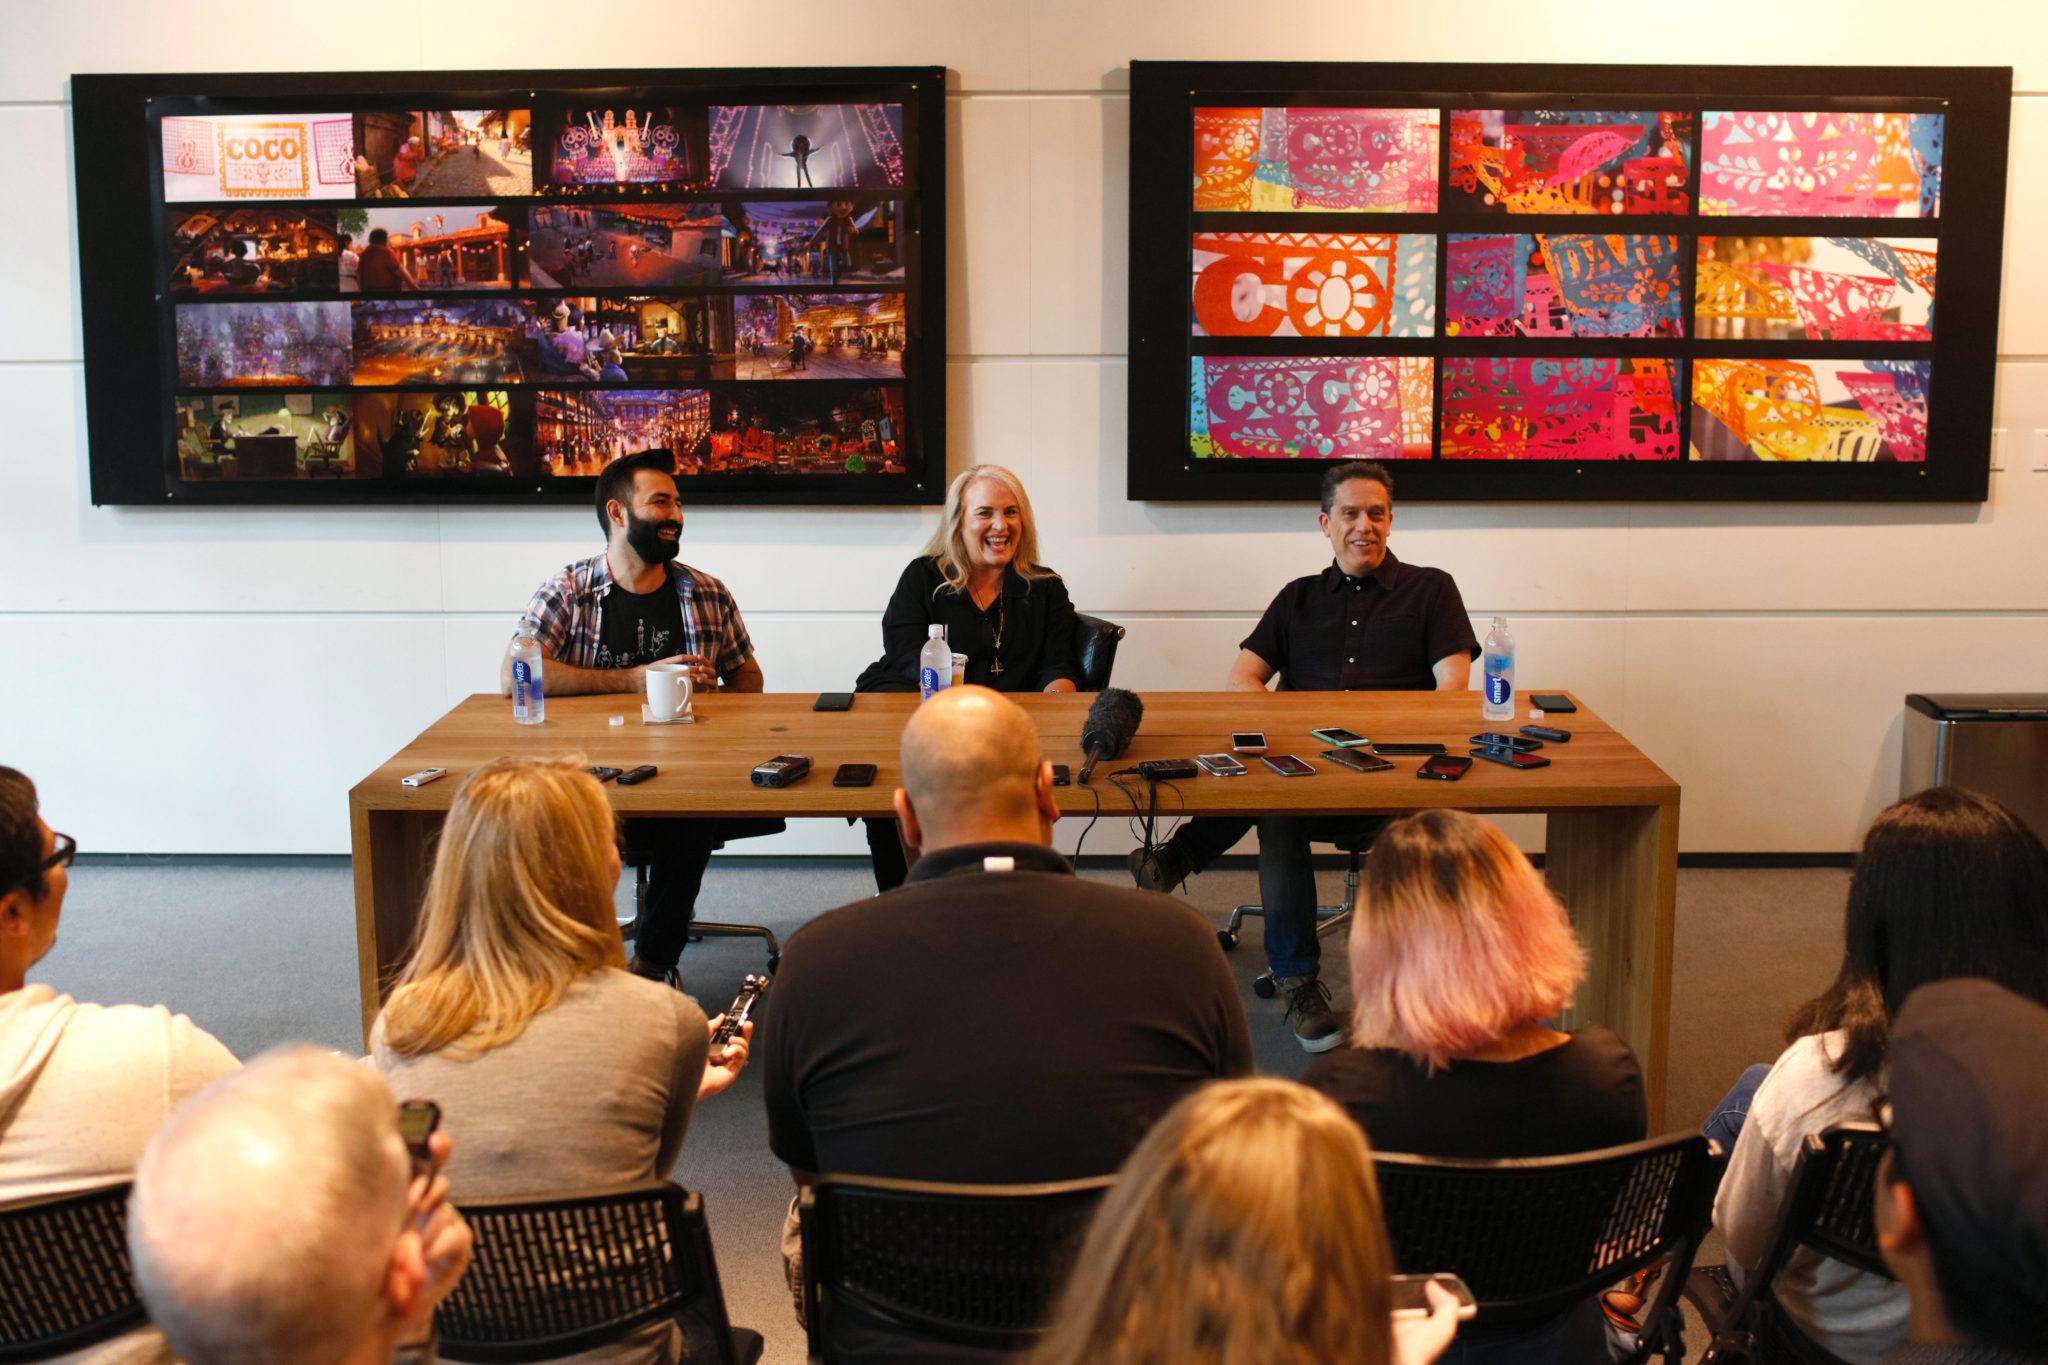 Adrian Molina, Darla K Anderson, Lee Unkrich - Disney Pixar Coco Press Conference